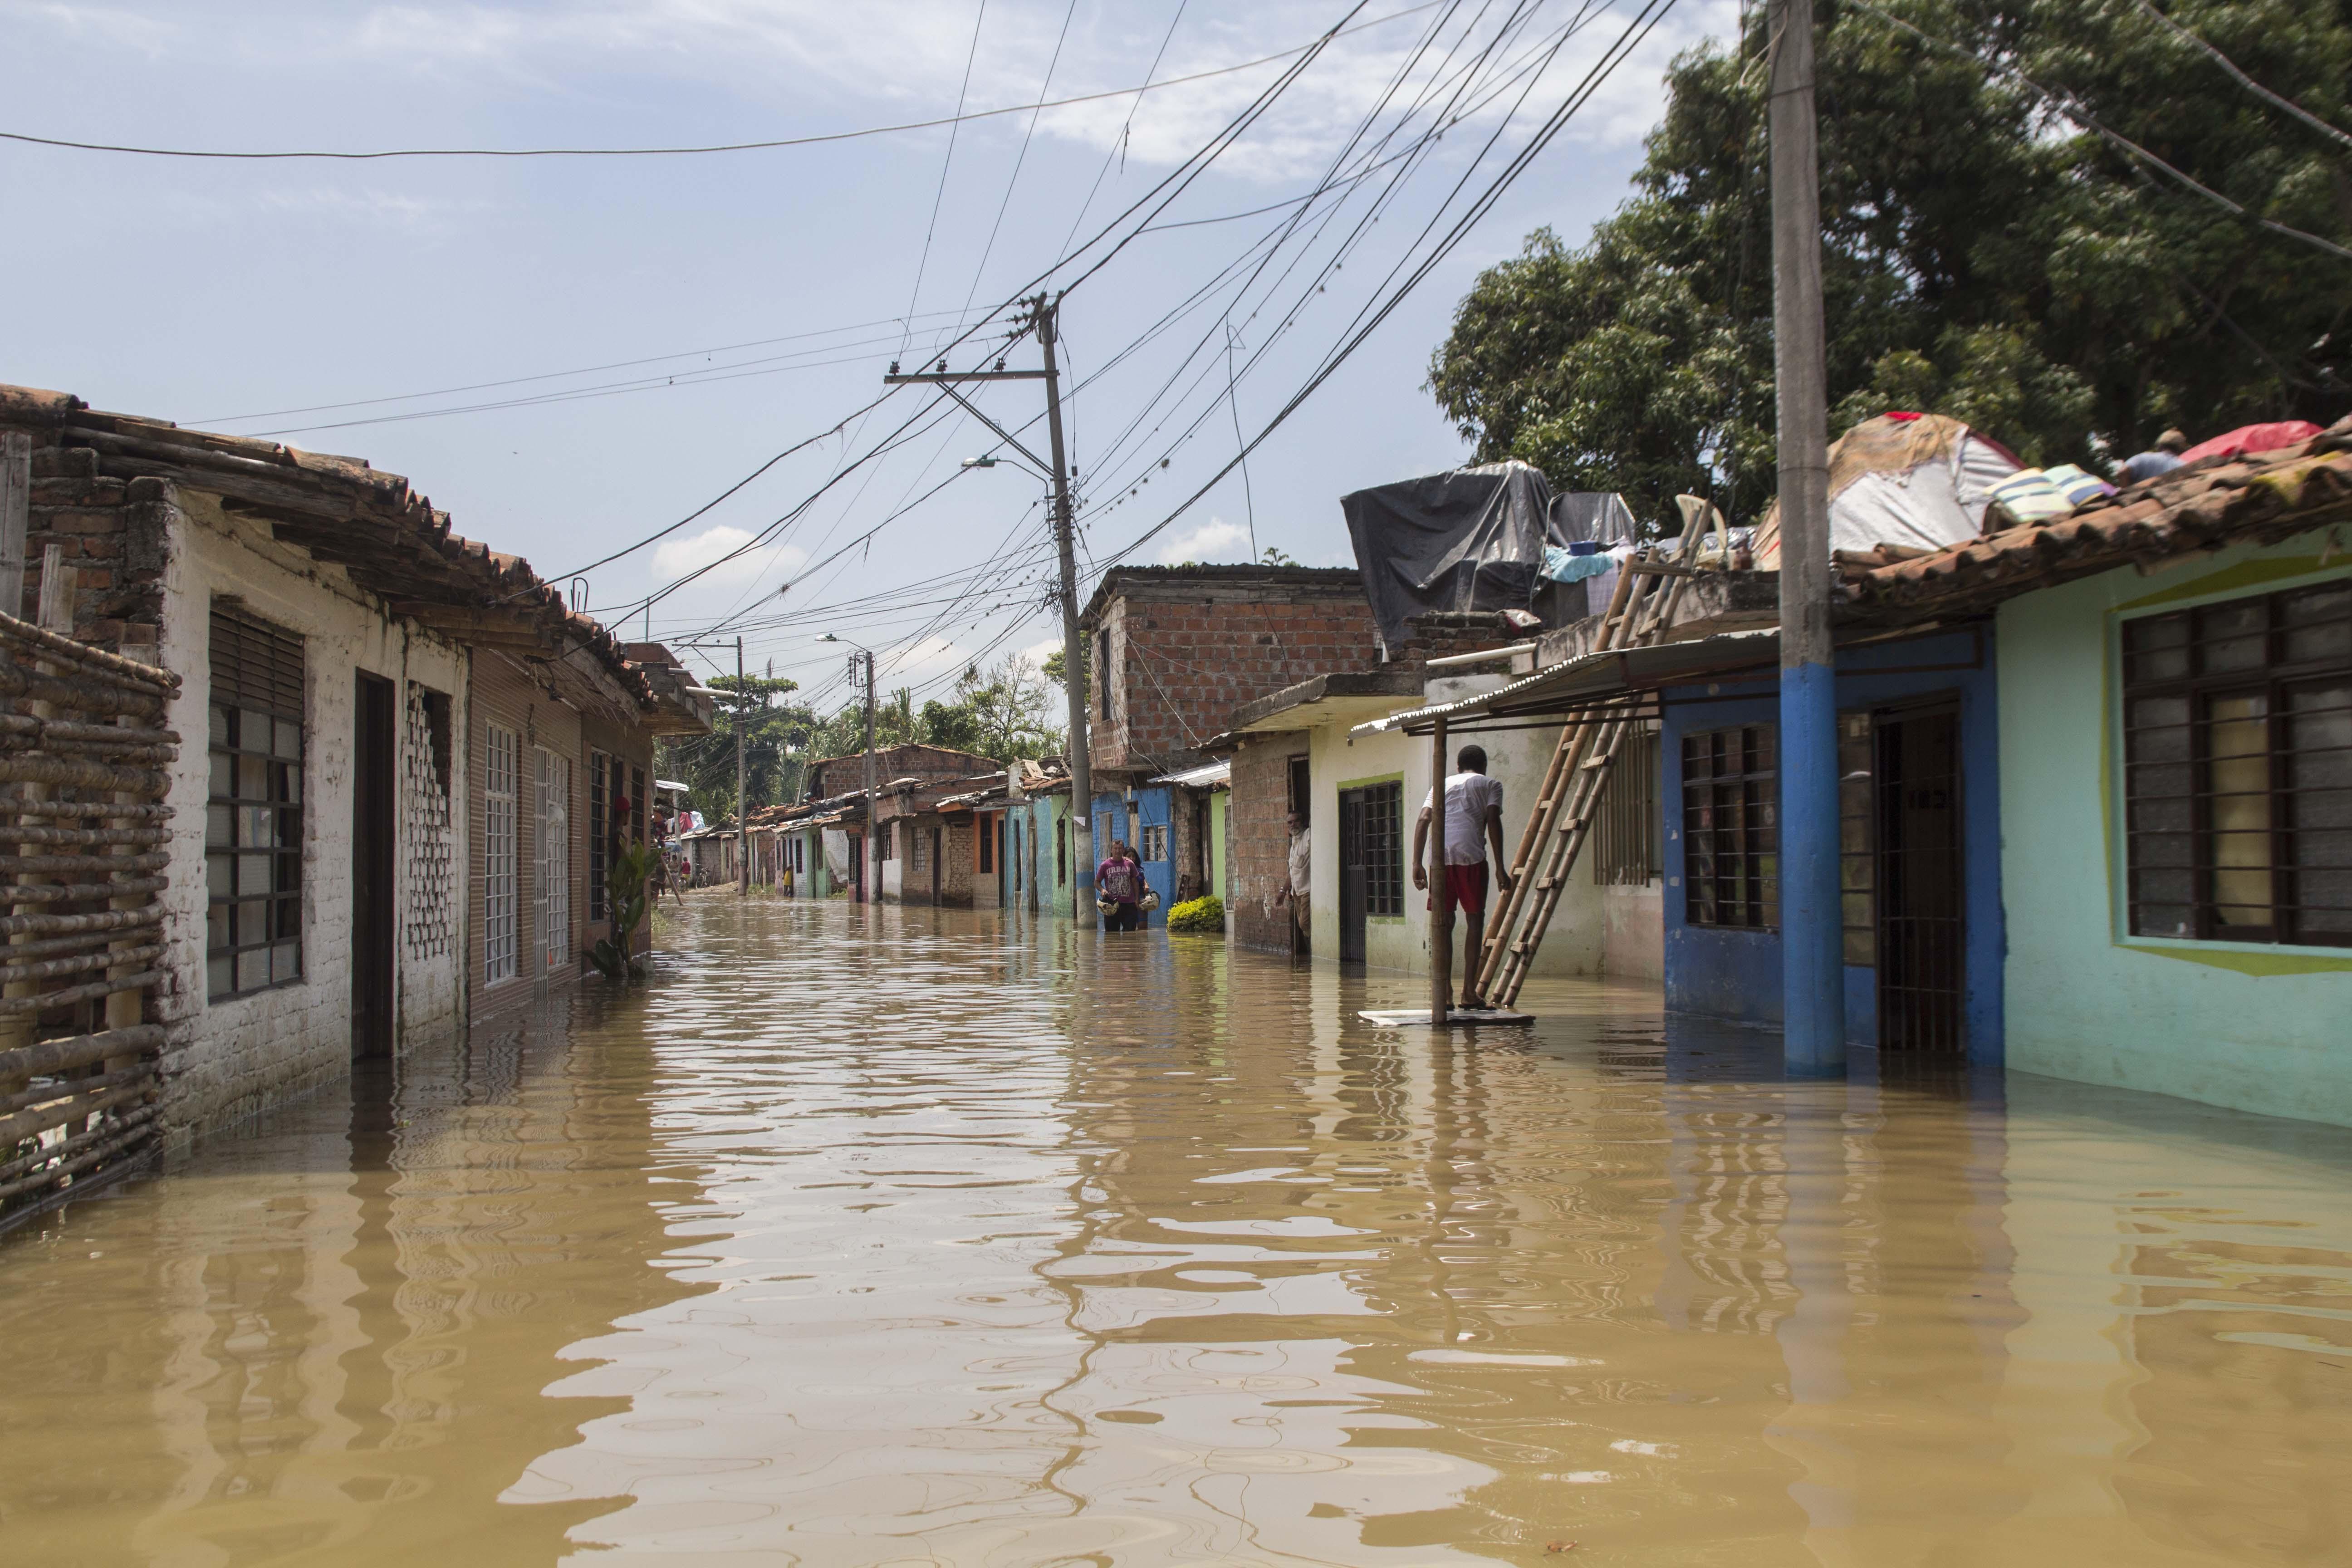 Inundacion rio cauca puerto nuevo 104